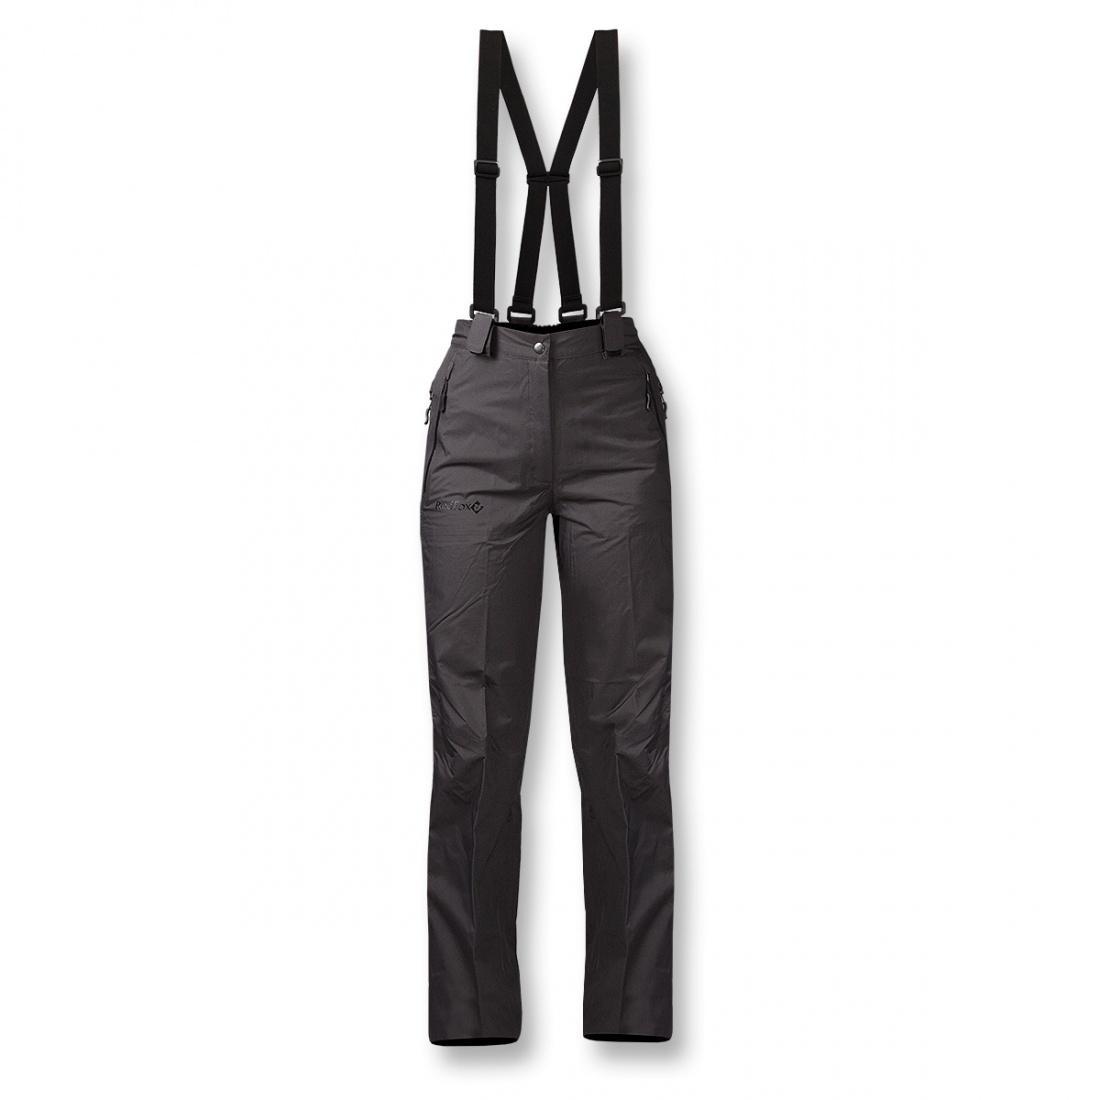 Брюки ветрозащитные Valencia ЖенскиеБрюки, штаны<br>Легкие штормовые брюки для женщин.  <br> <br> Серия Nordic Style <br>Треккинг, загородные выезды в дождливую погоду <br>Материал: Dry Factor 10000 2...<br><br>Цвет: Черный<br>Размер: 48